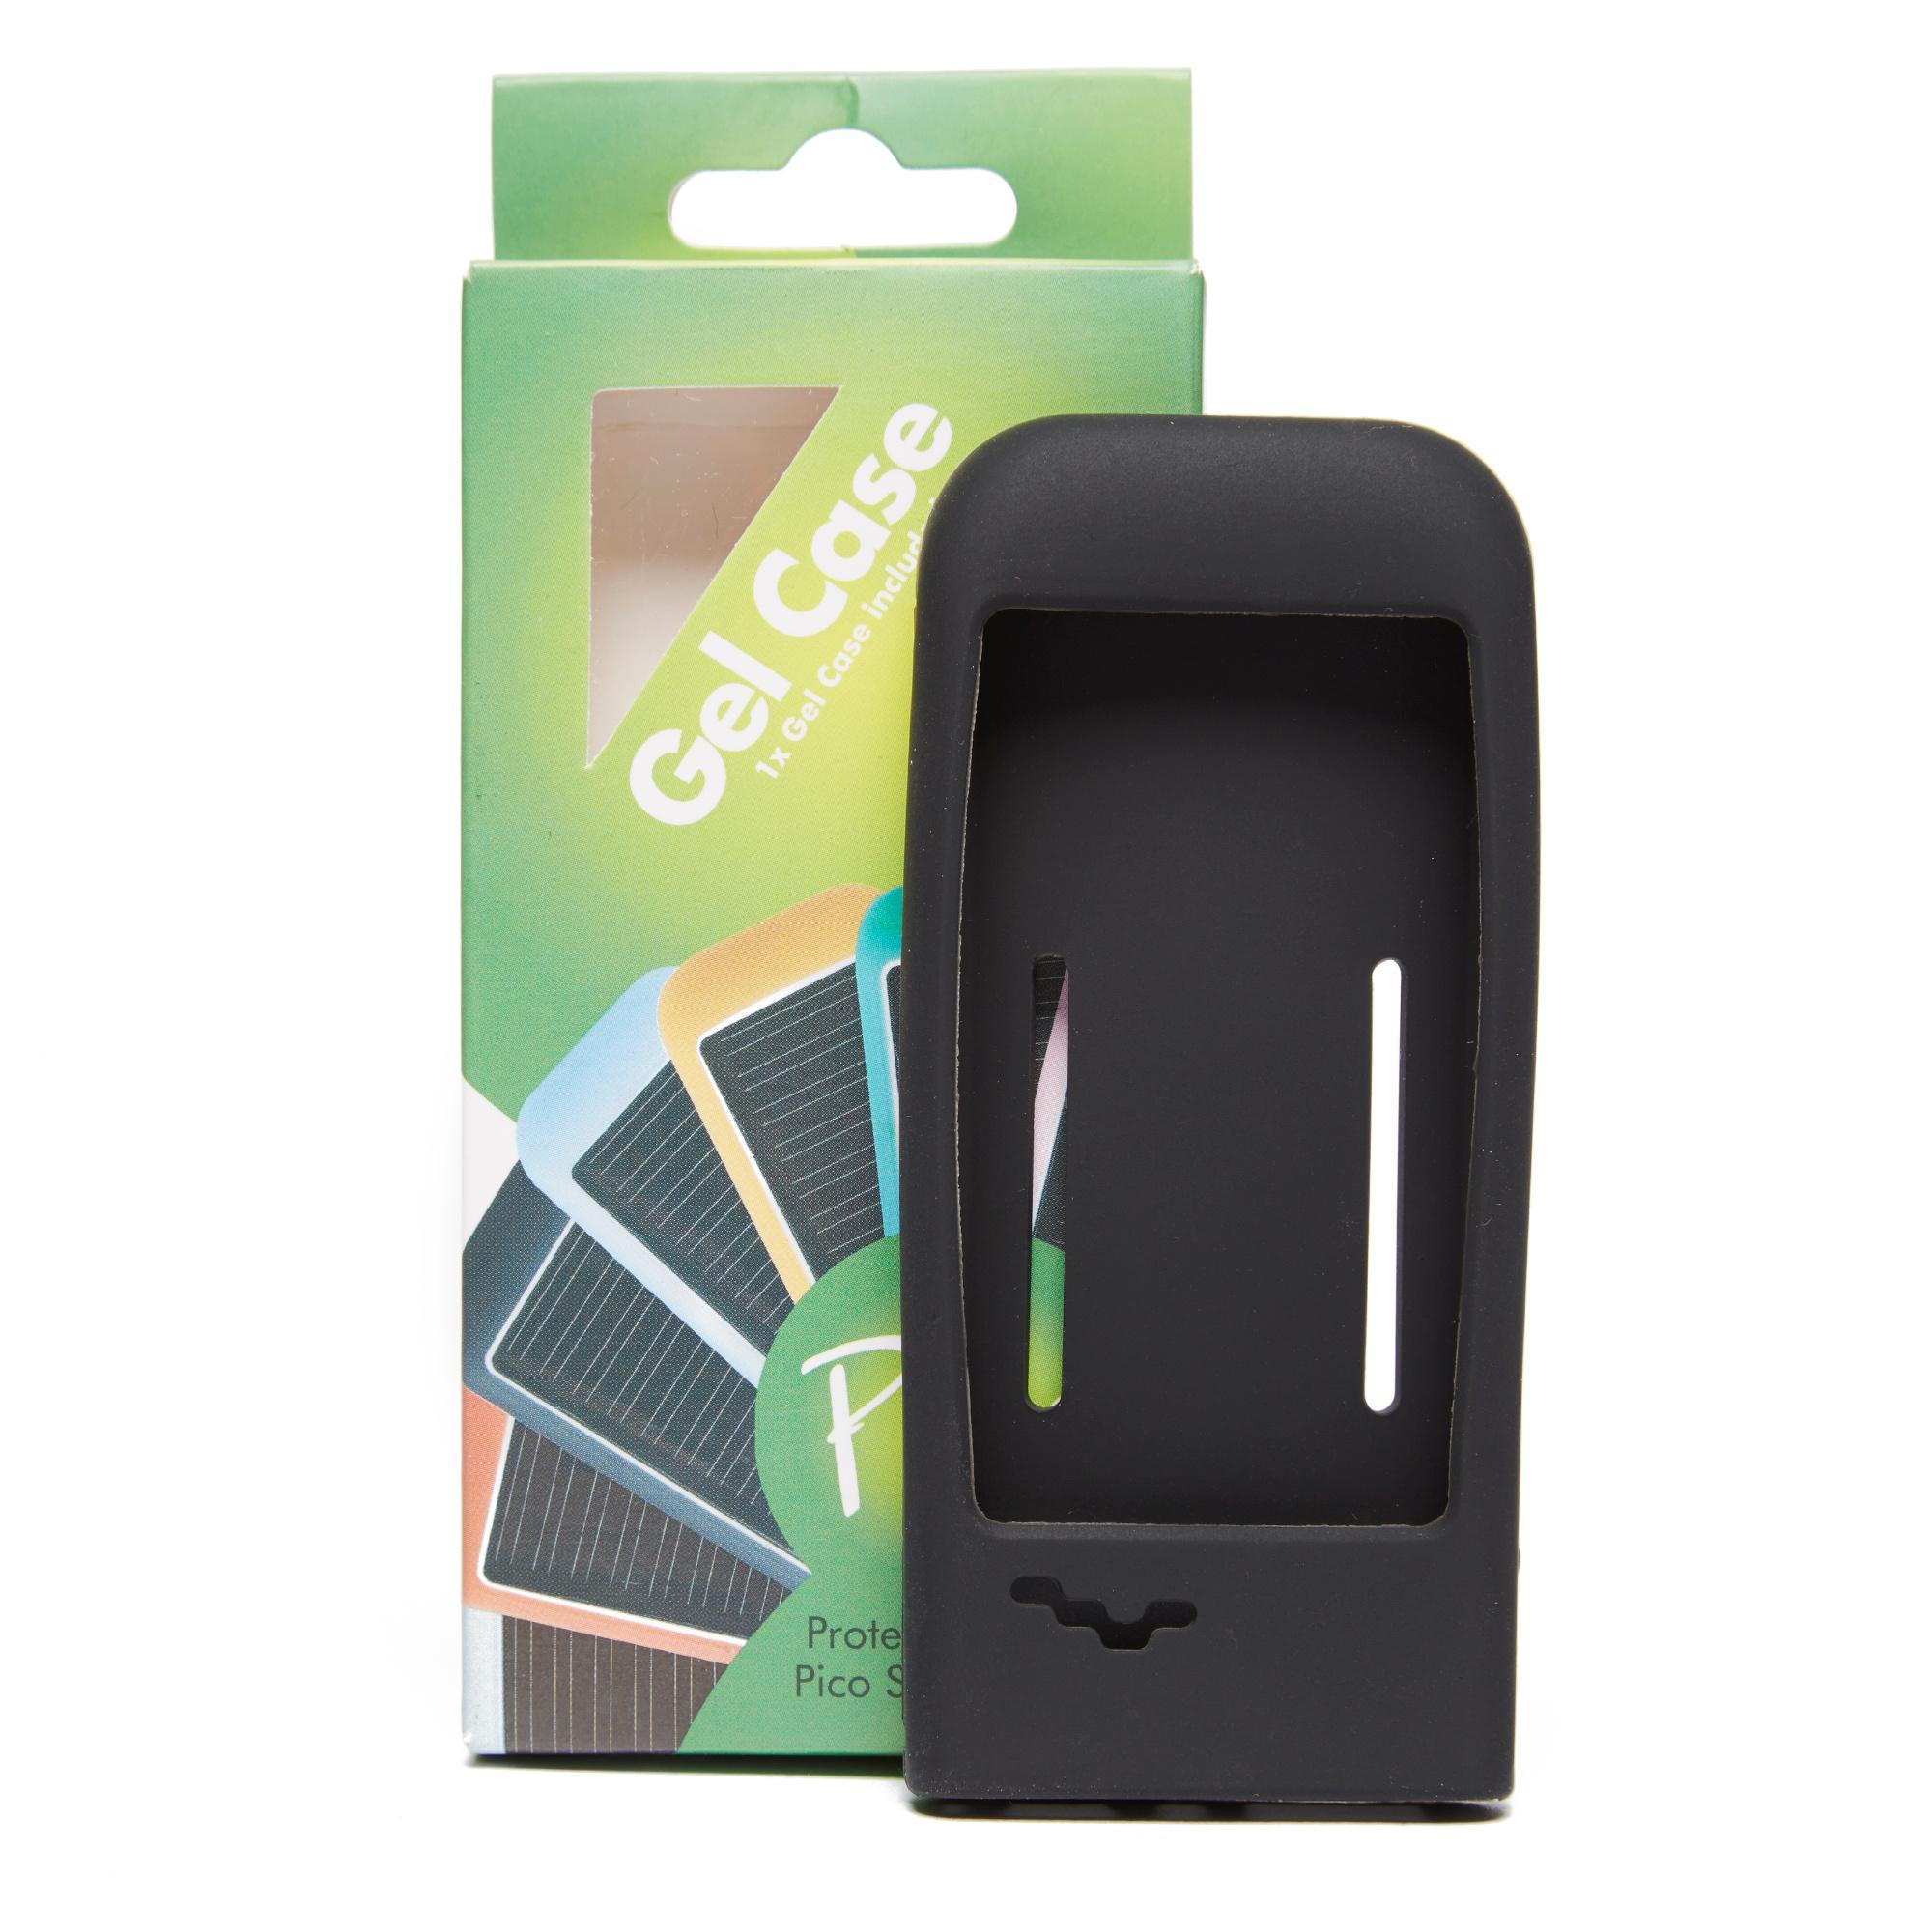 Freeloader Freeloader Pico Gel Case - Black, Black